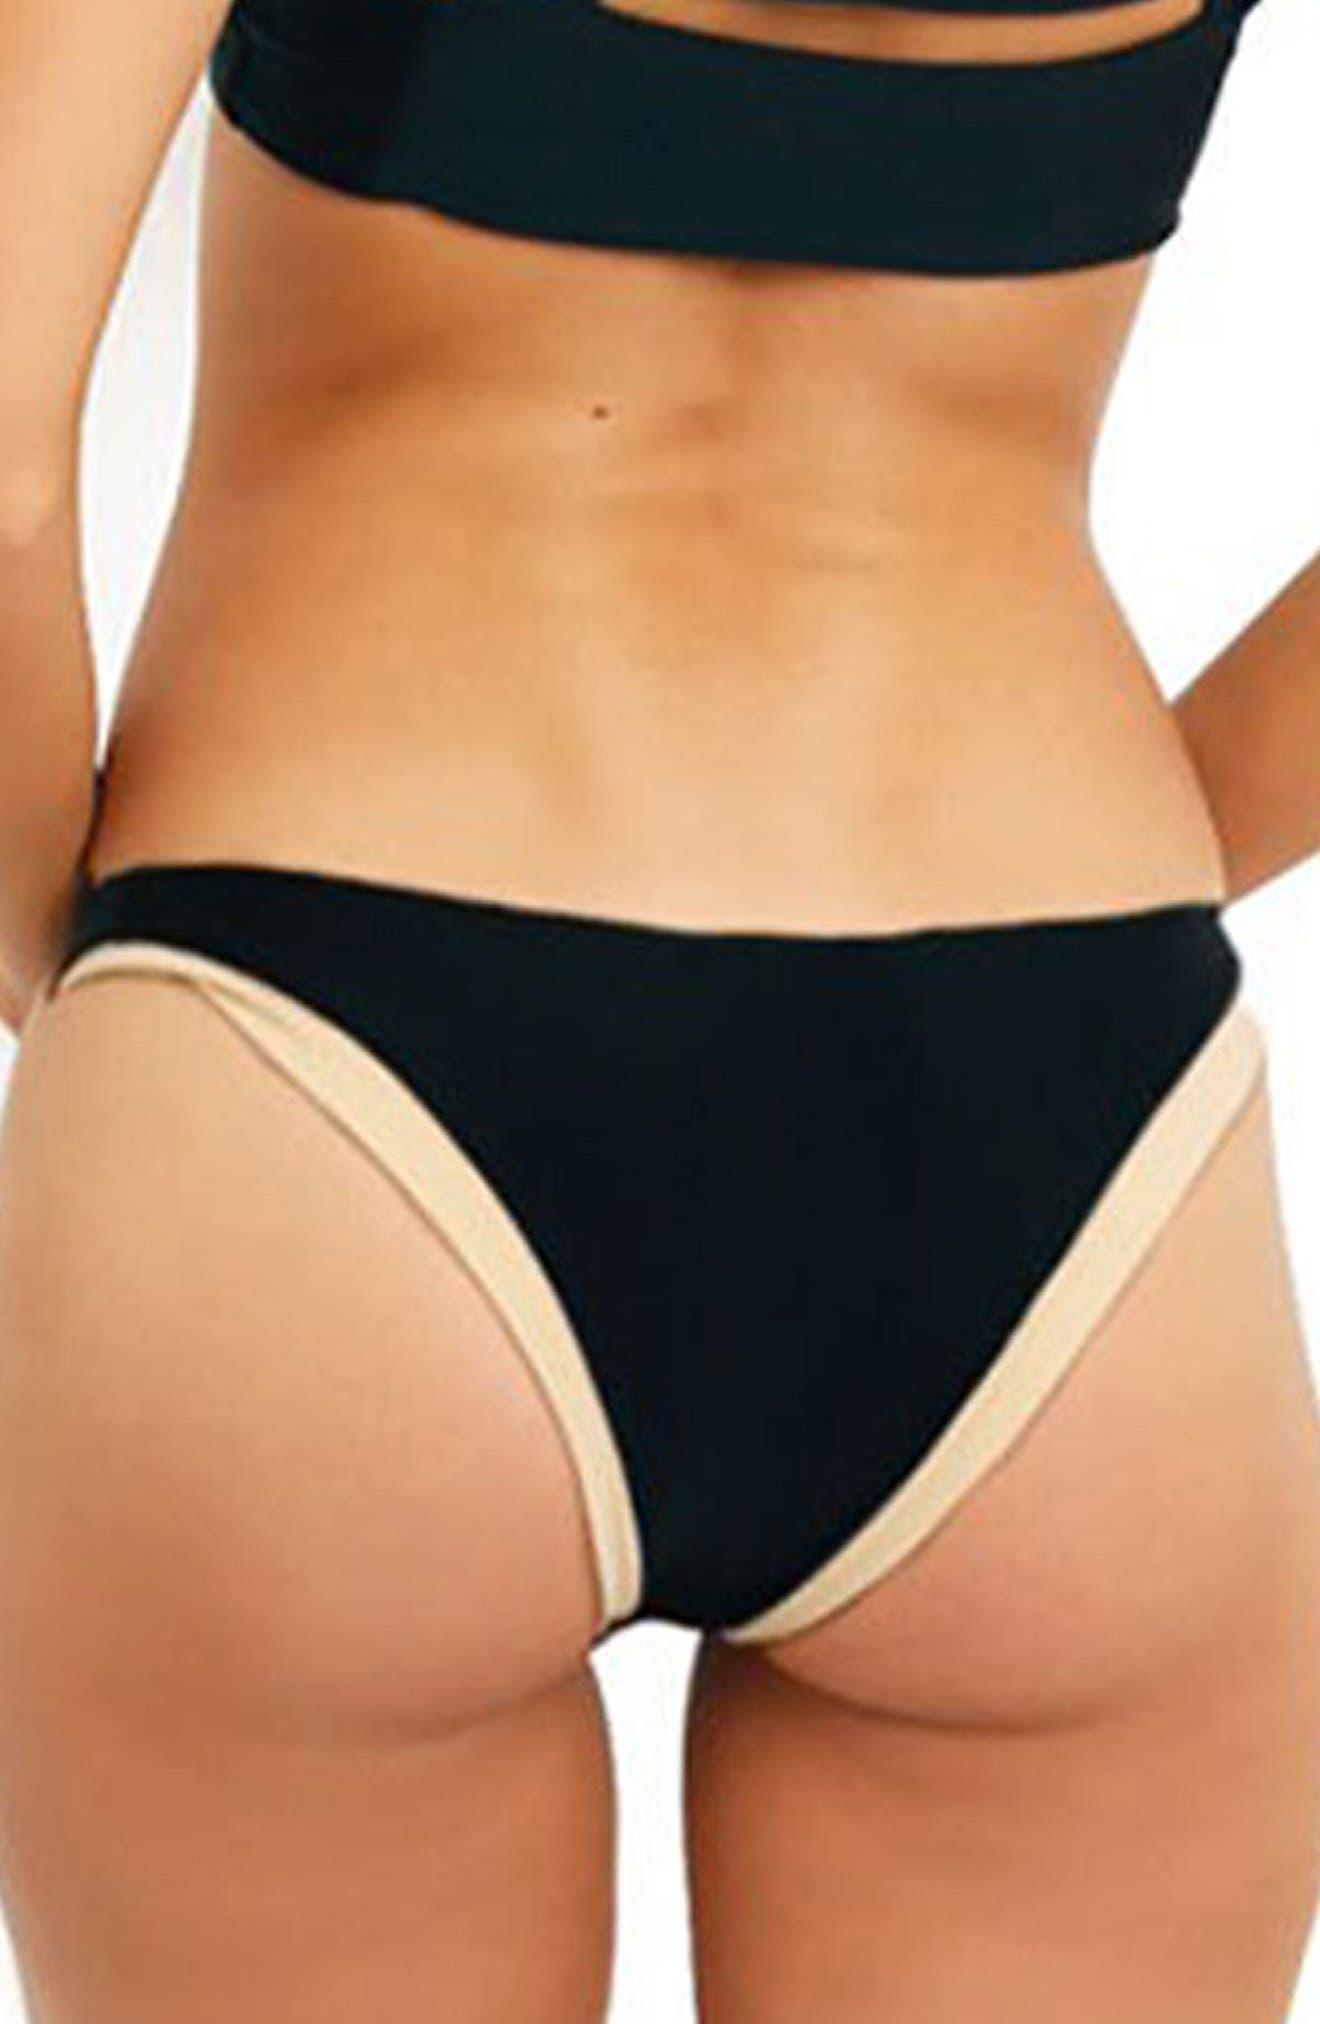 Issa de' mar Coco Bikini Bottoms,                             Alternate thumbnail 2, color,                             001